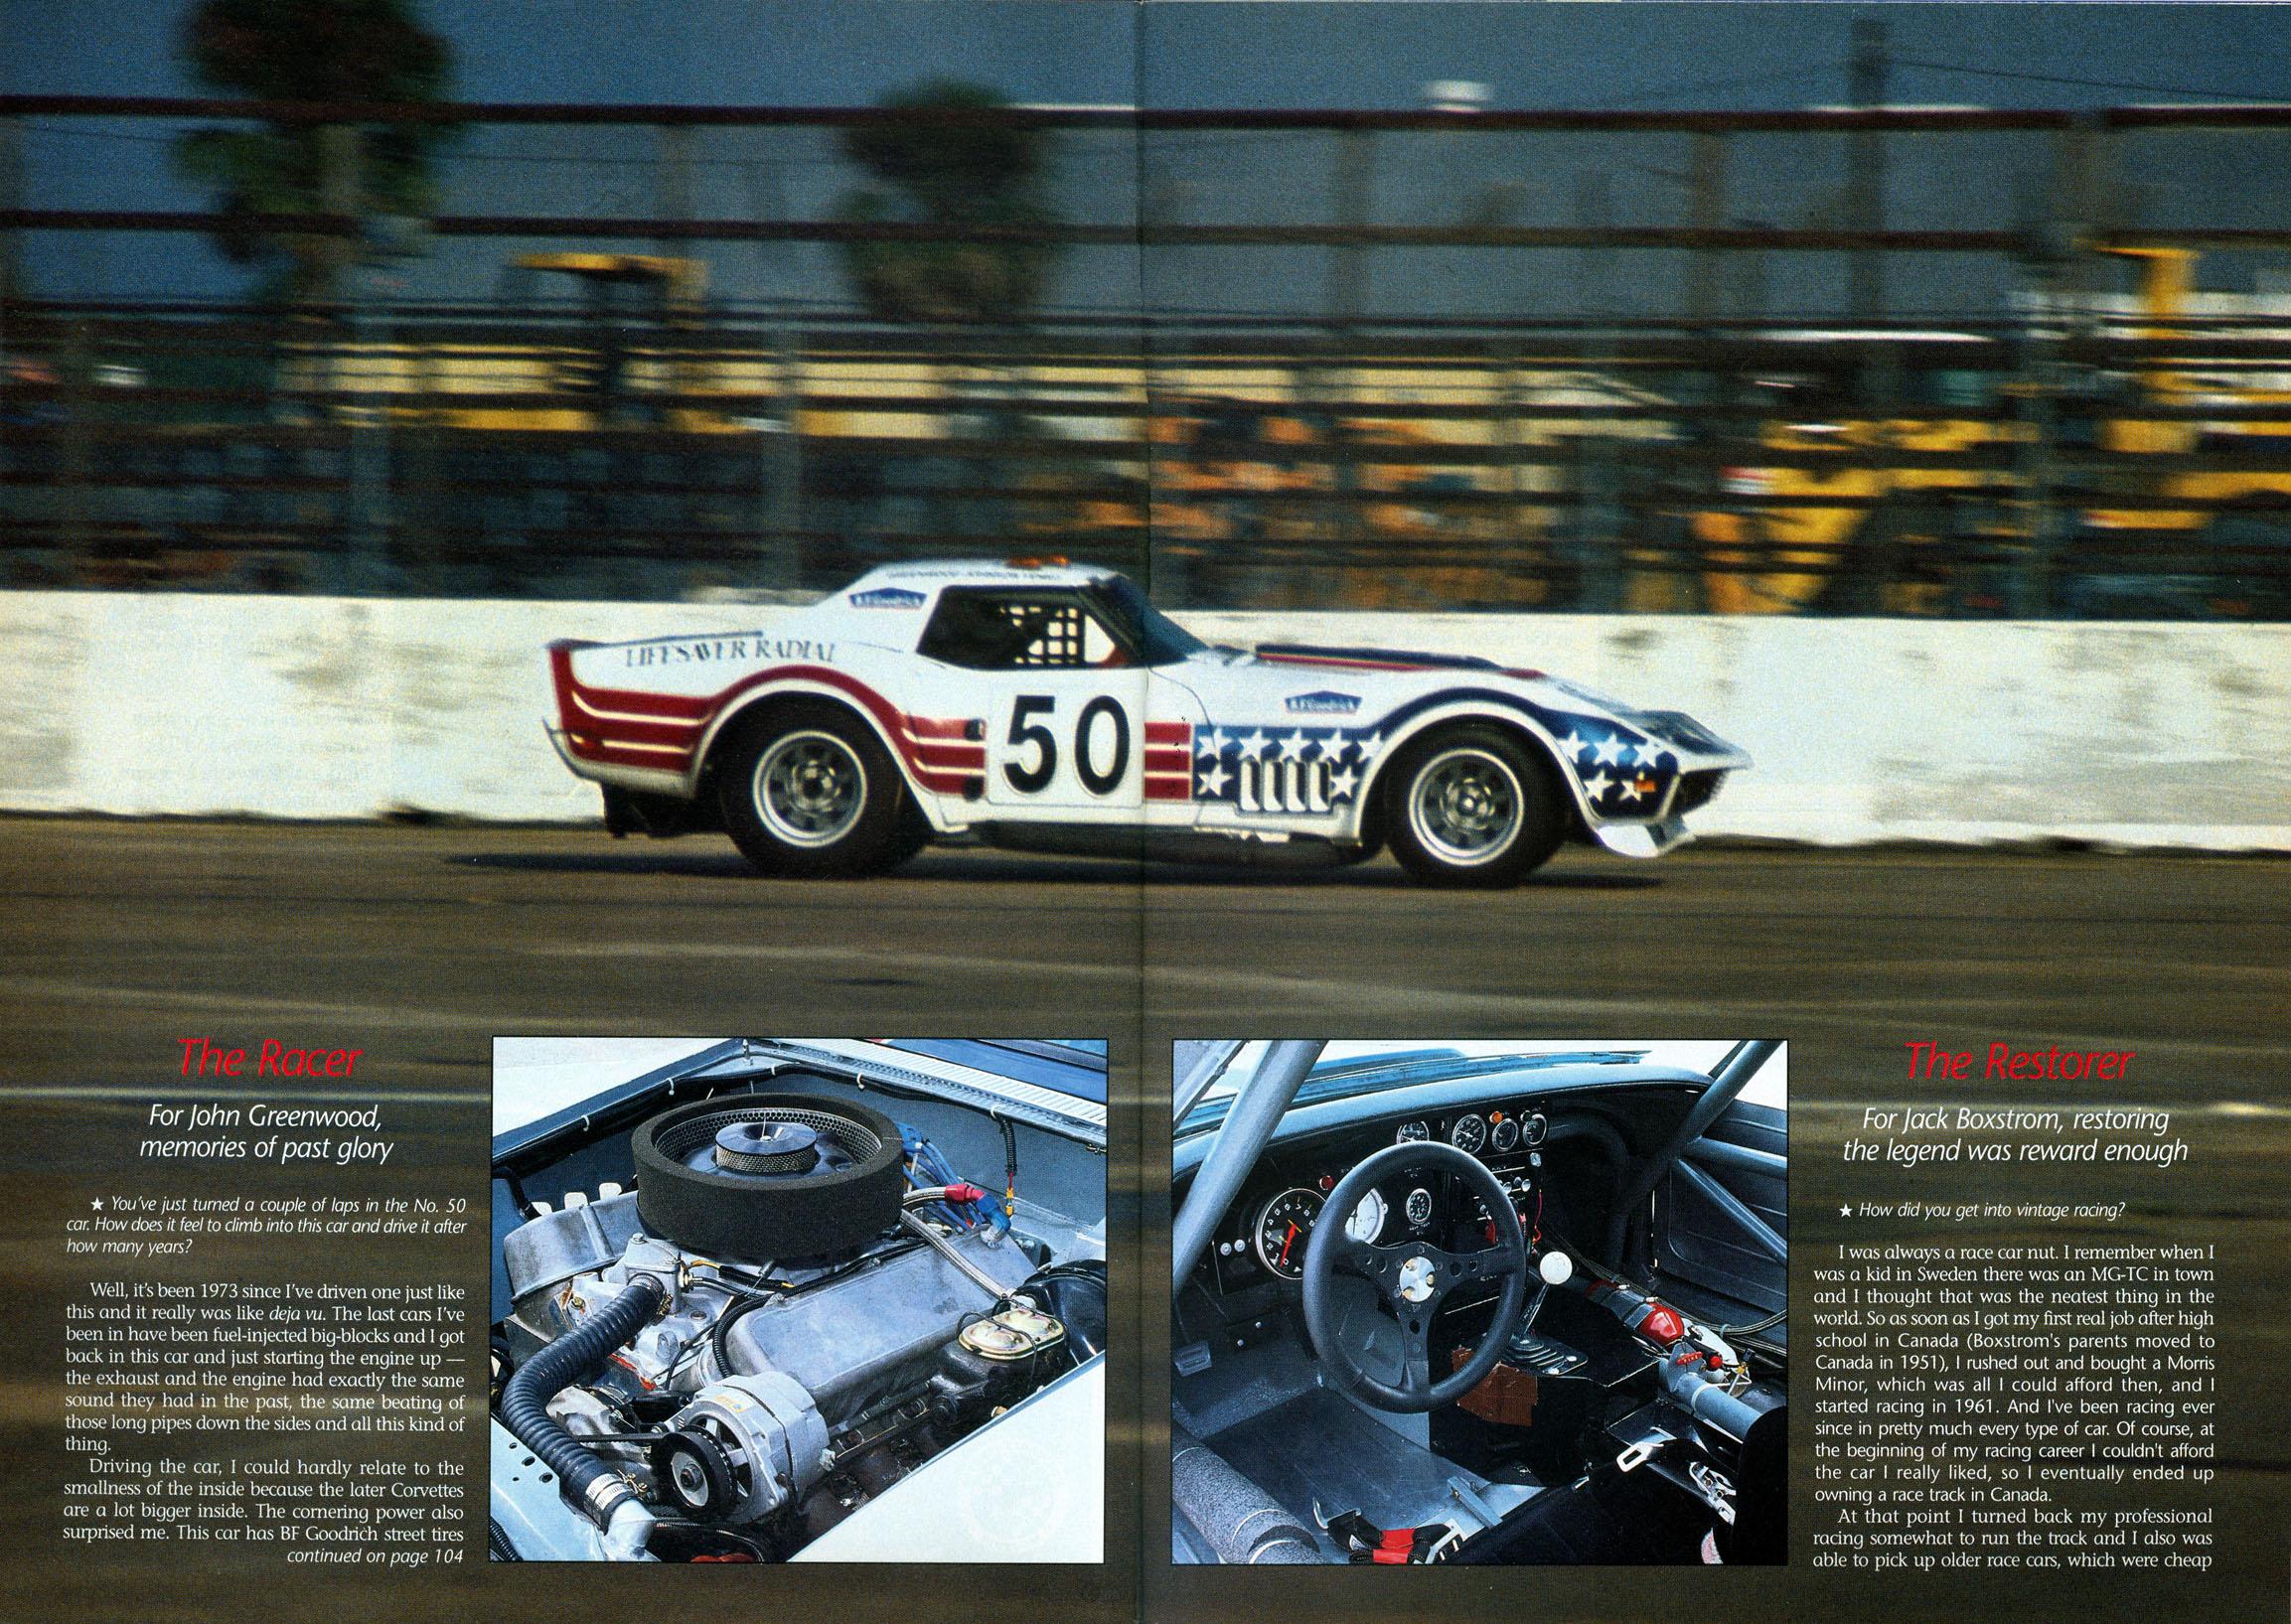 Corvette Fever July 1991: The Stars And Stripes Fly Again — Corvette